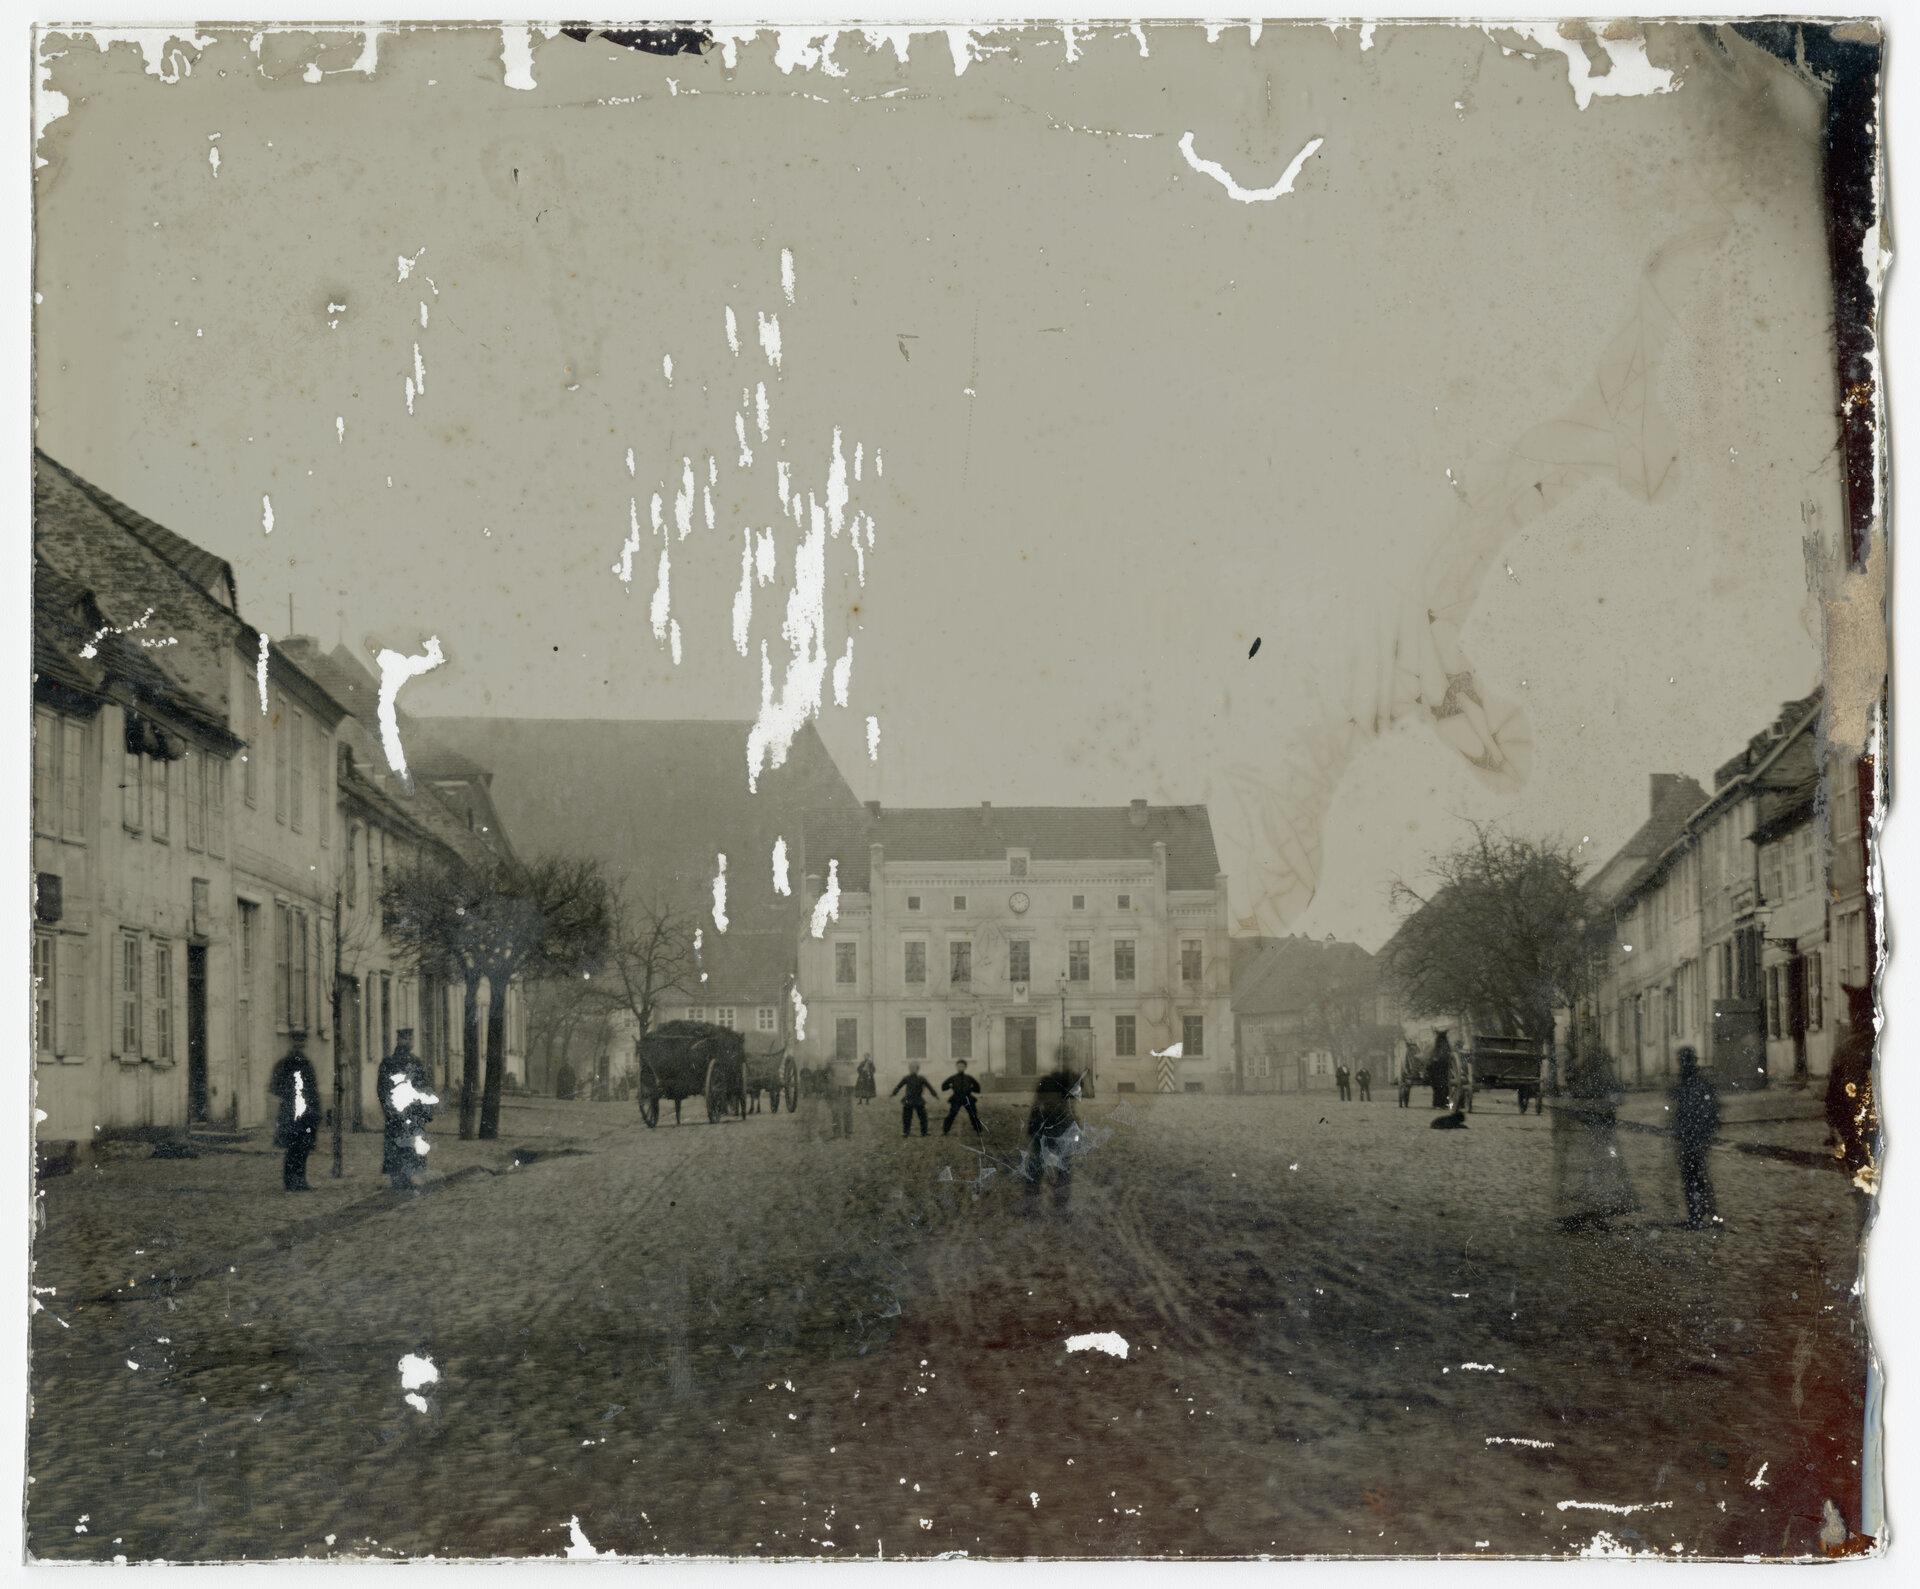 Ambrotypie des Marktplatzes Quelle: Archiv Wegemuseum